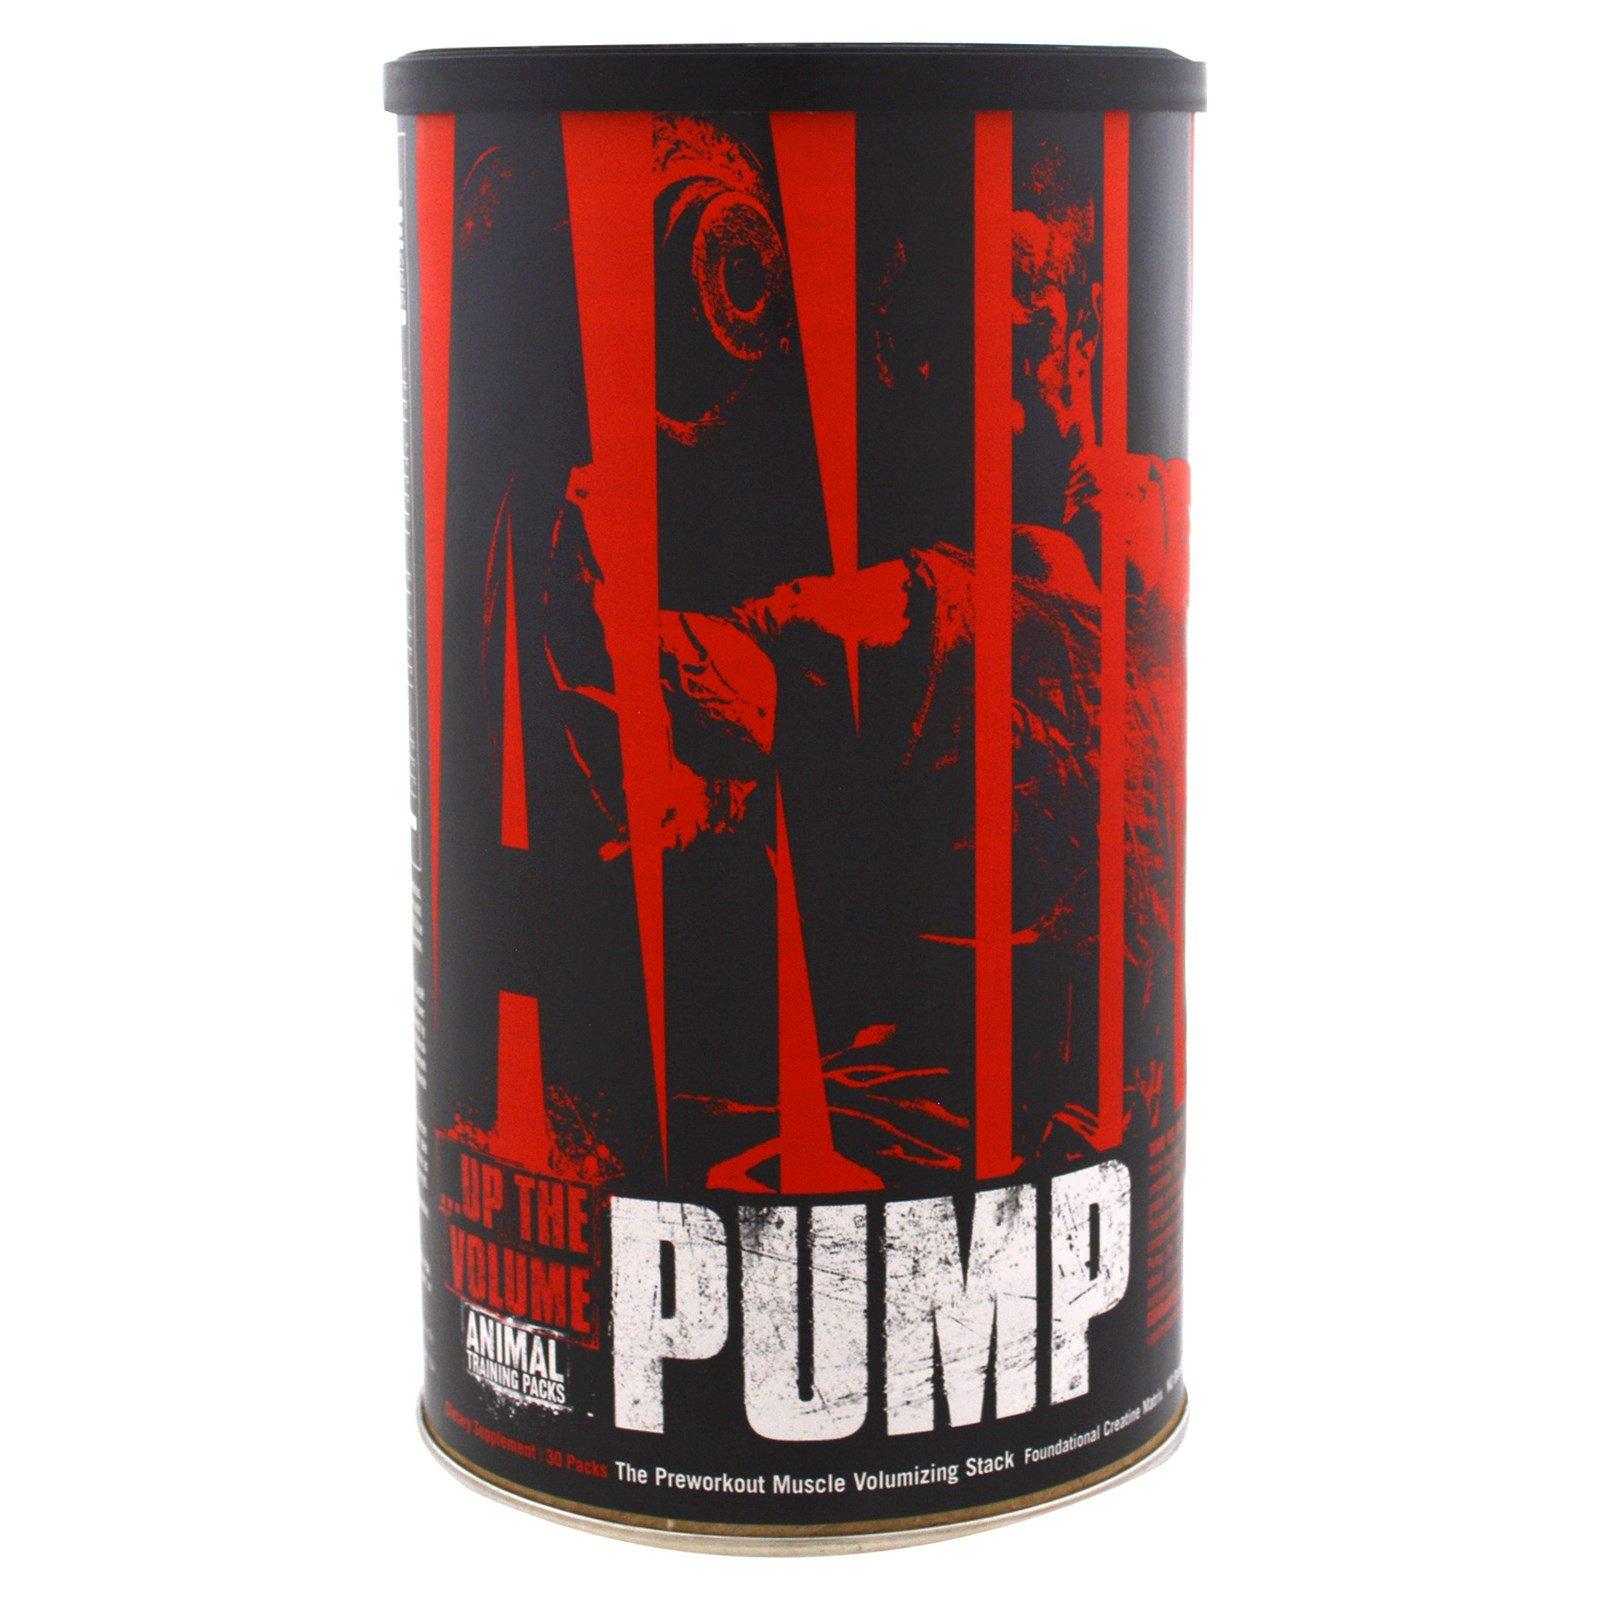 أنيمال بومب Animal pomp الحبة الحمراء في الأنيمال بمب منو جرب انيمال بمب انيمال تست انيمال باك انيمال كت سعر انيمال بمب أفضل منتج بمب Animal Pump